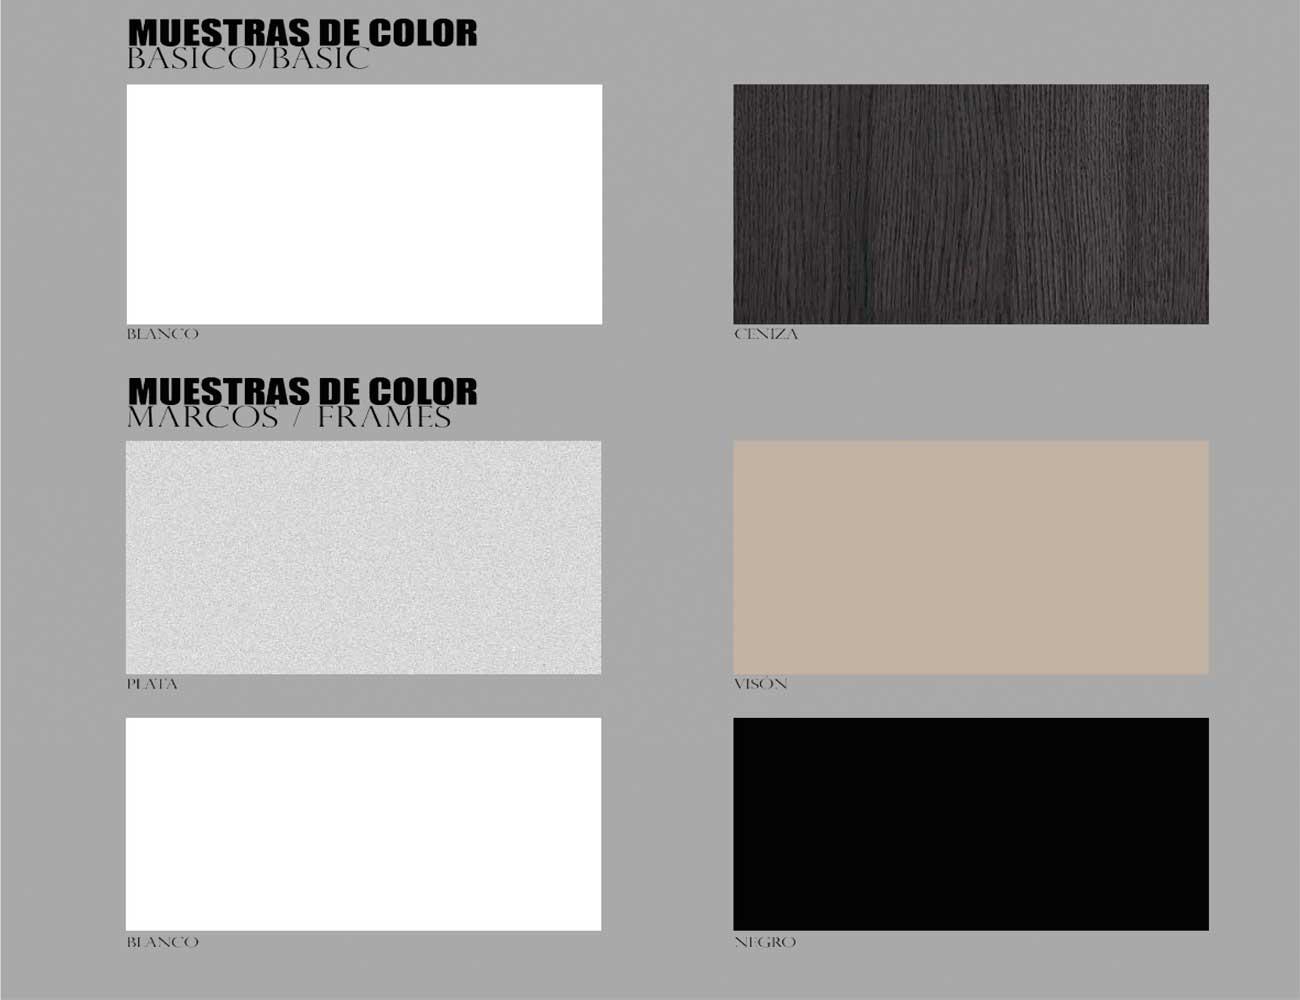 Colores tecnico18